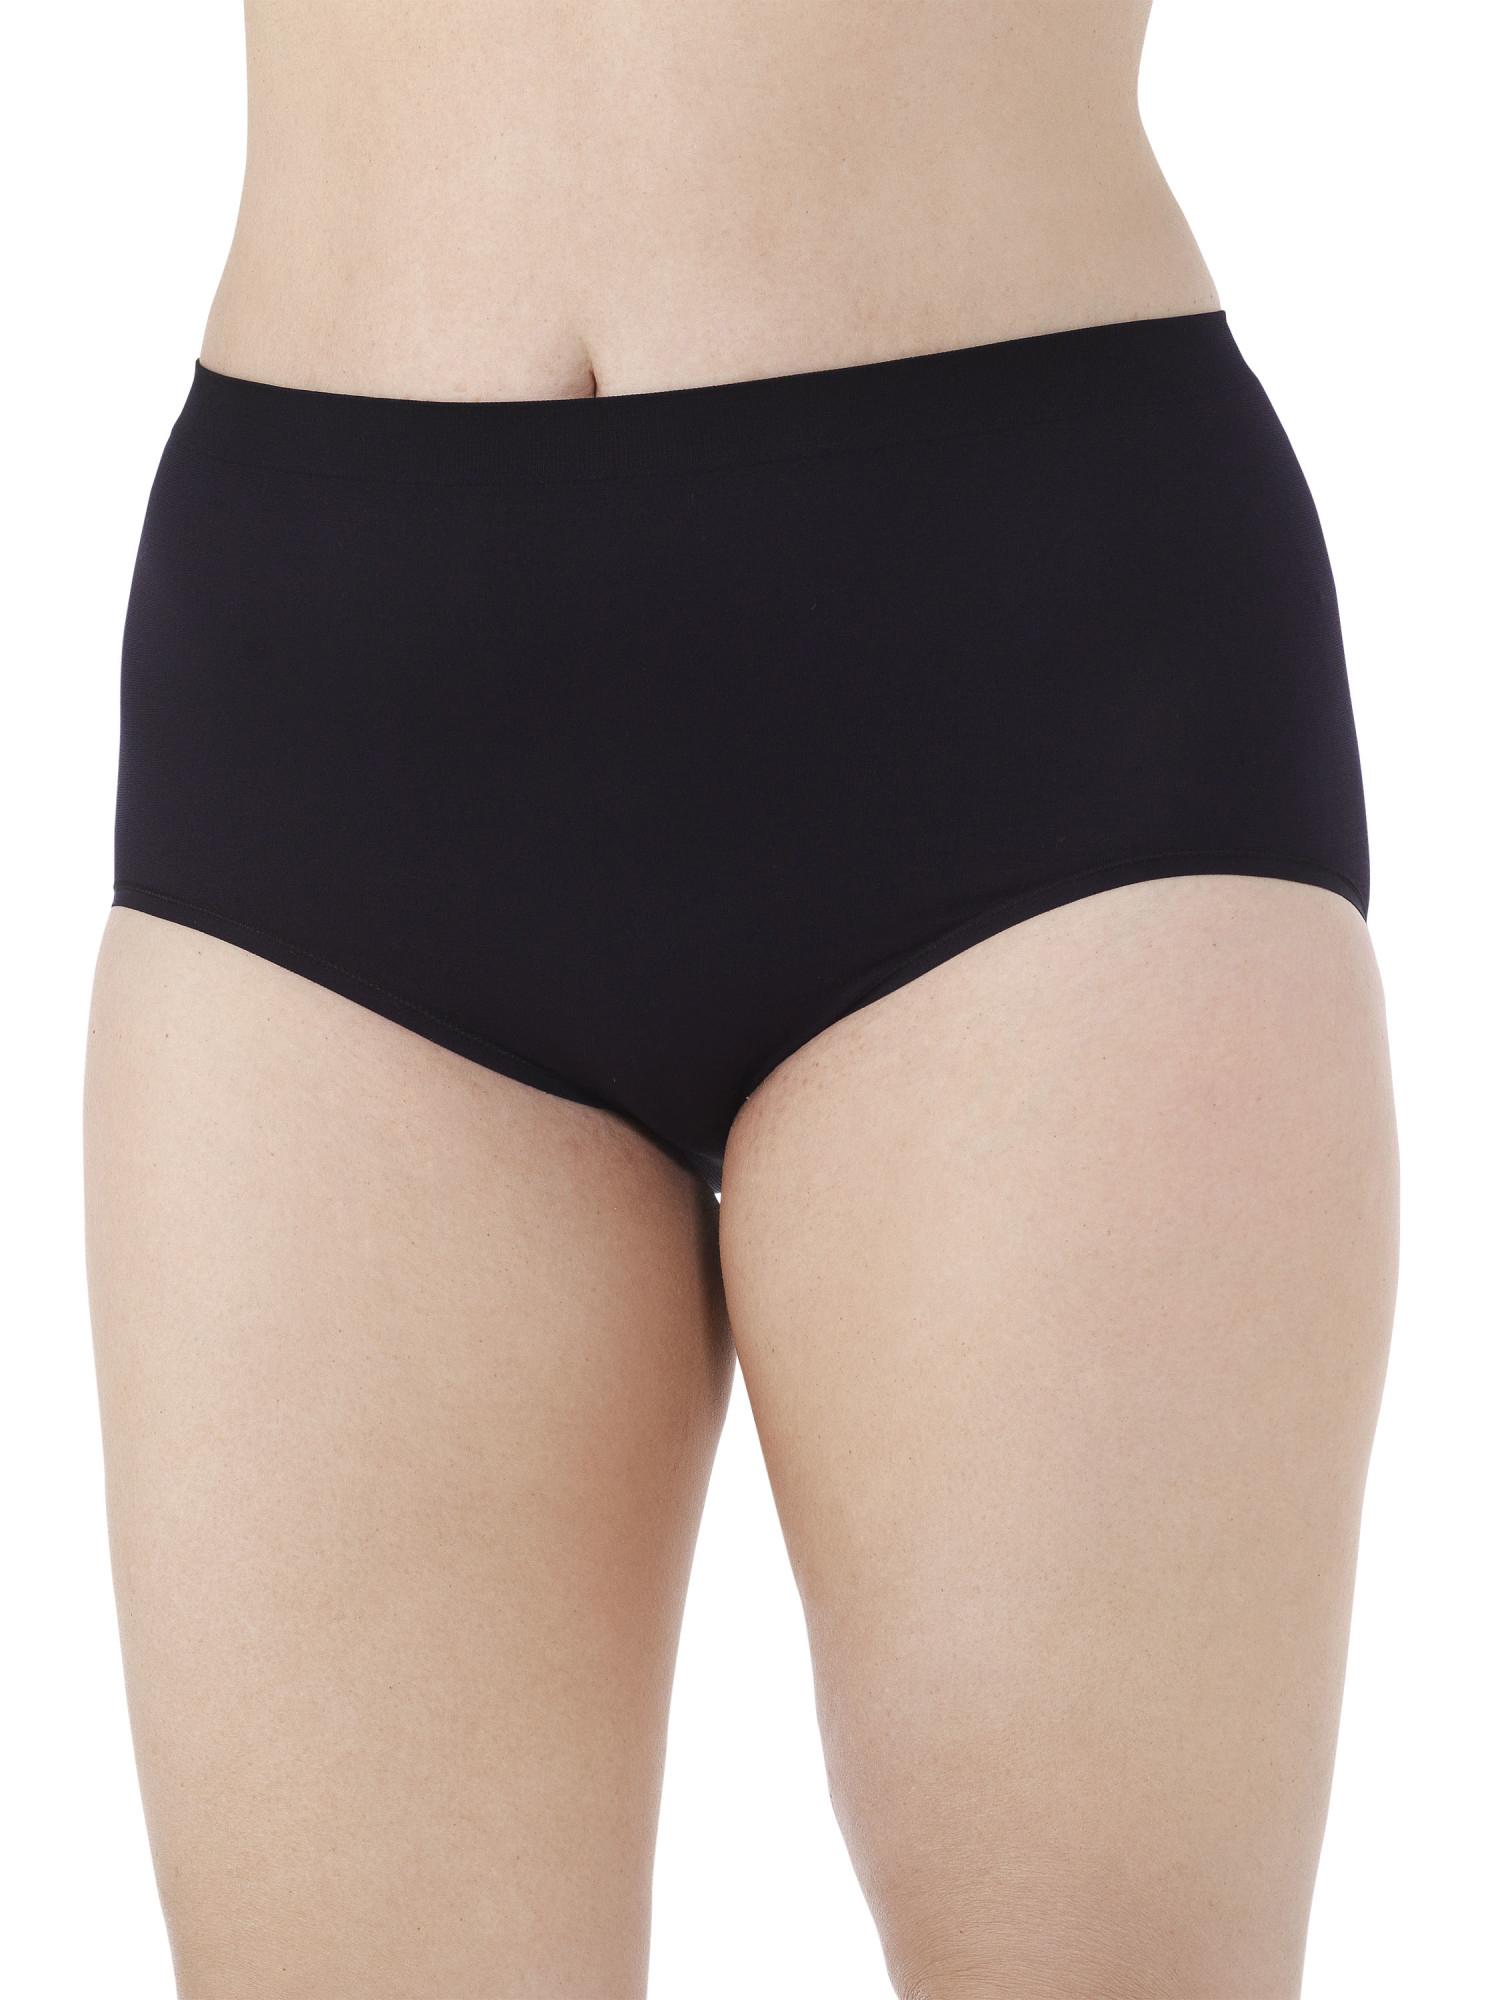 Women's Plus Seamless Brief Panties - 5 Pack